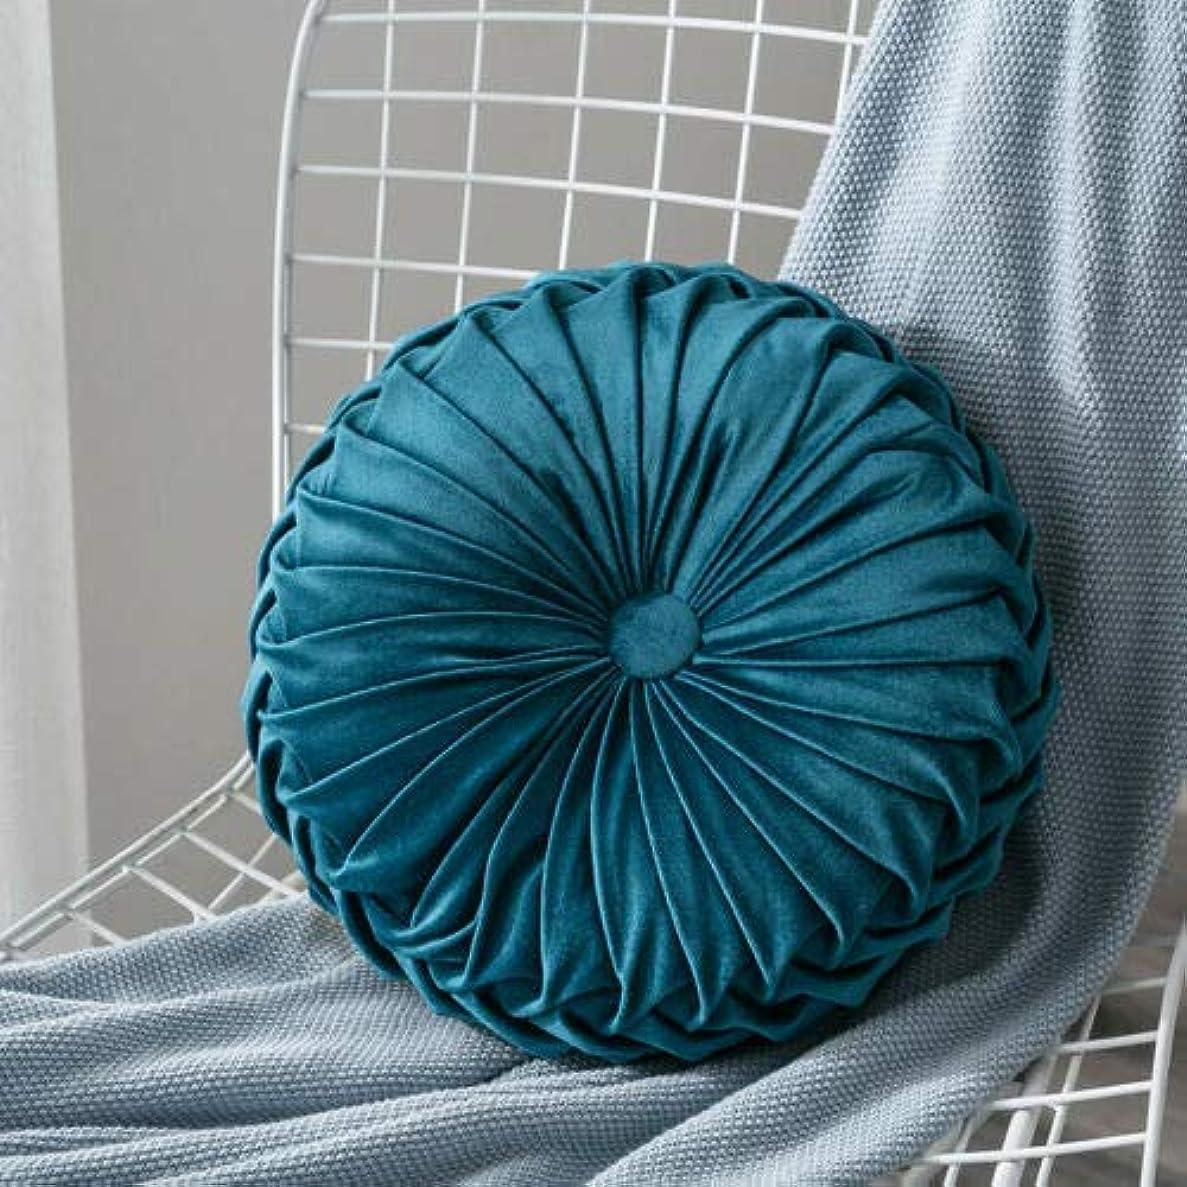 団結する振幅LIFE ベルベットプリーツラウンドカボチャ枕ソファクッション床枕の装飾 クッション 椅子